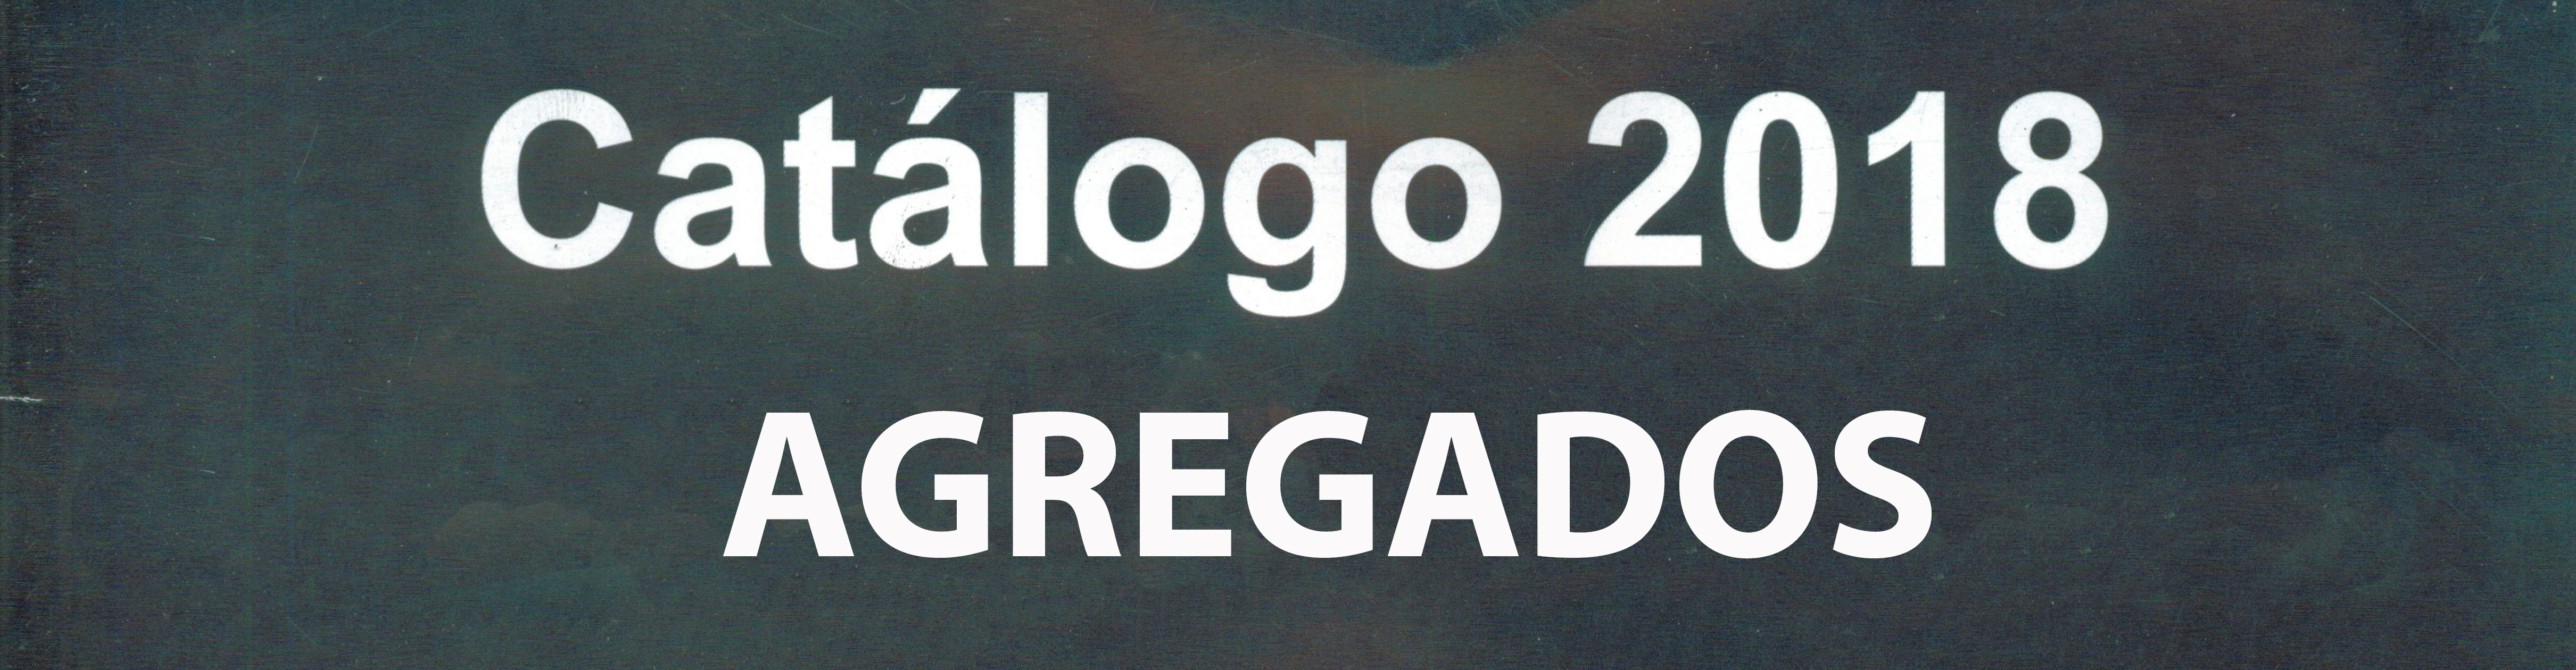 AGREGADOS CATALOGO 2018 (SETIEMBRE 2019) (2)